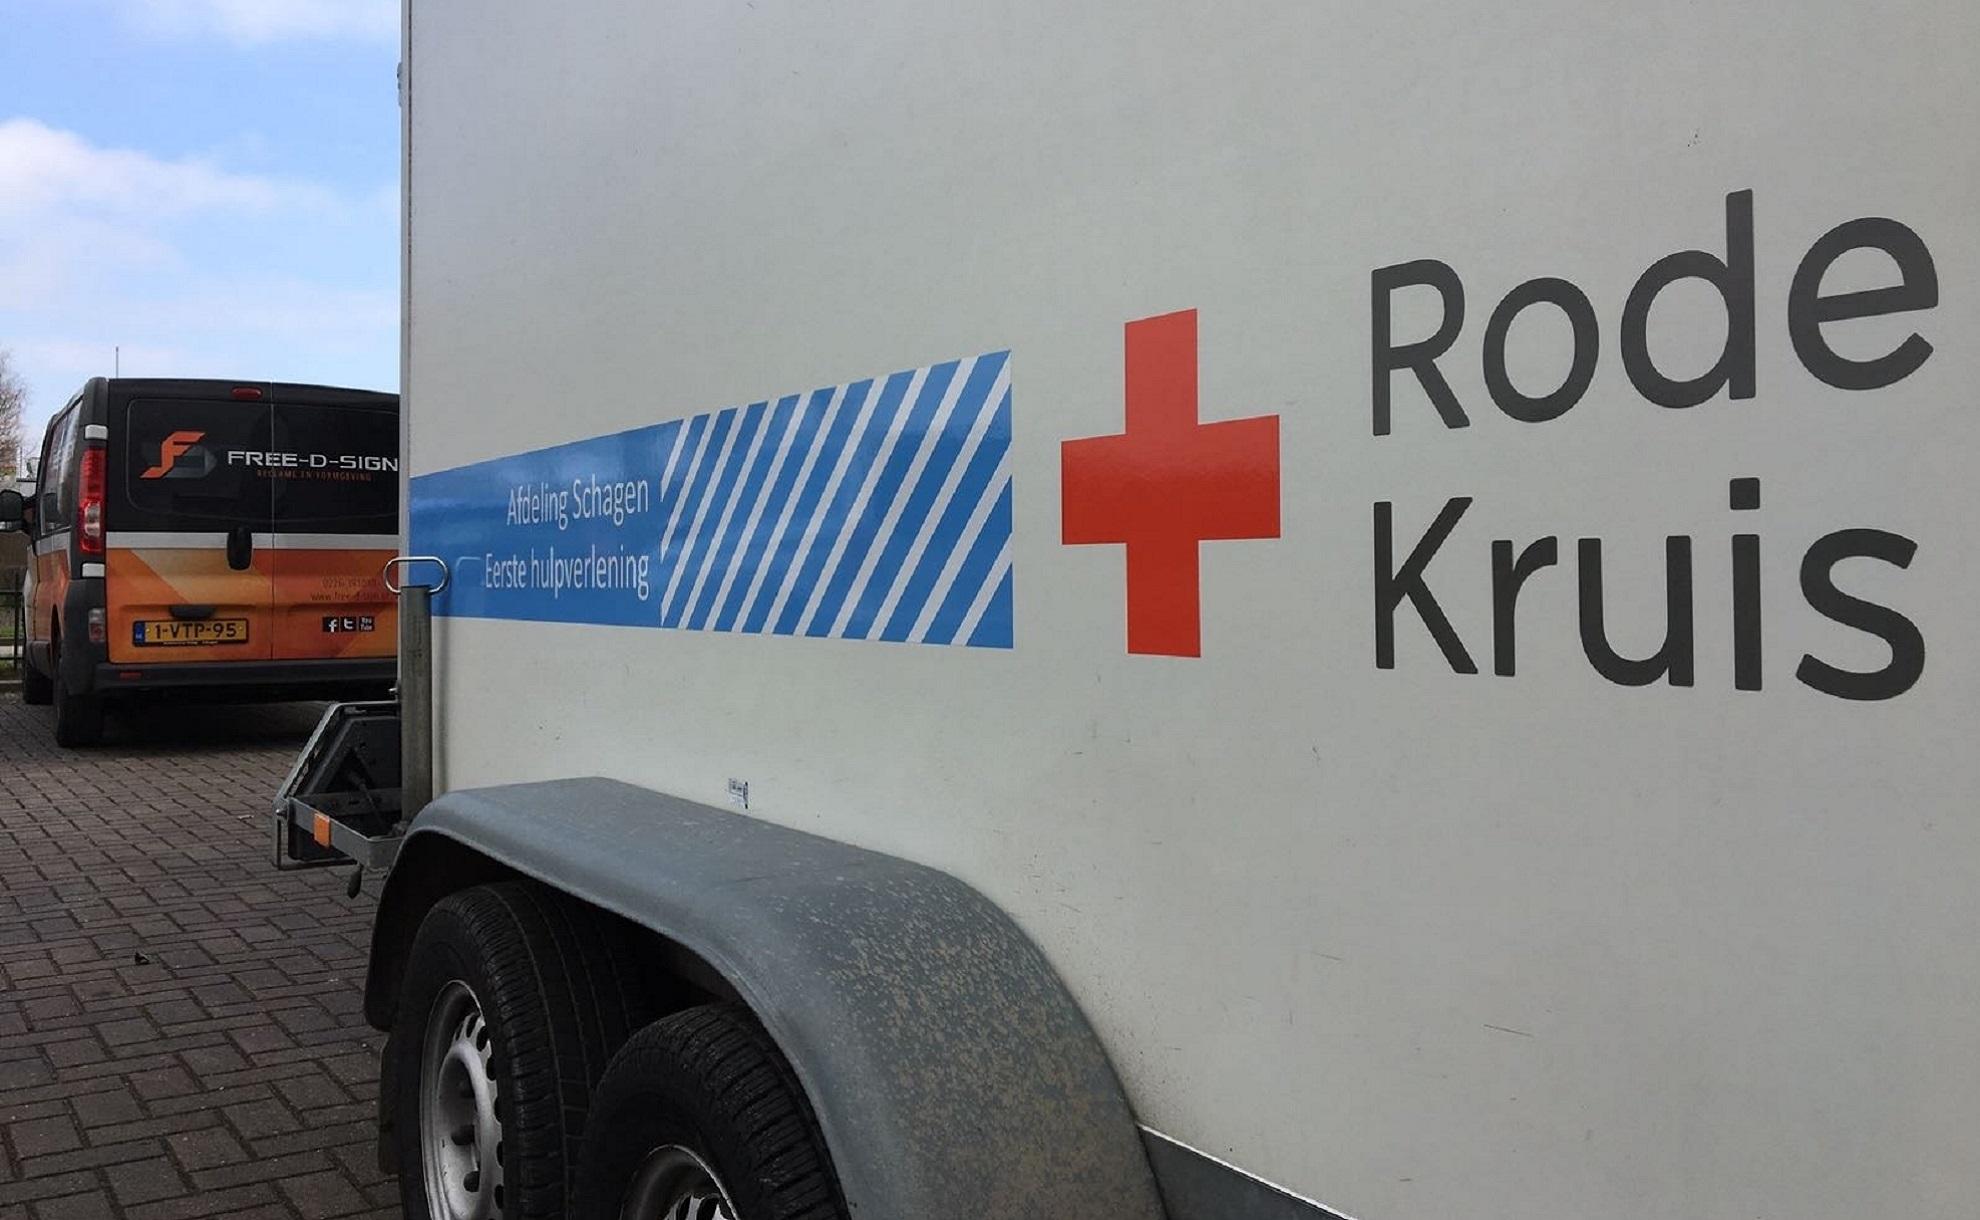 Aanhanger belettering - Rode Kruis